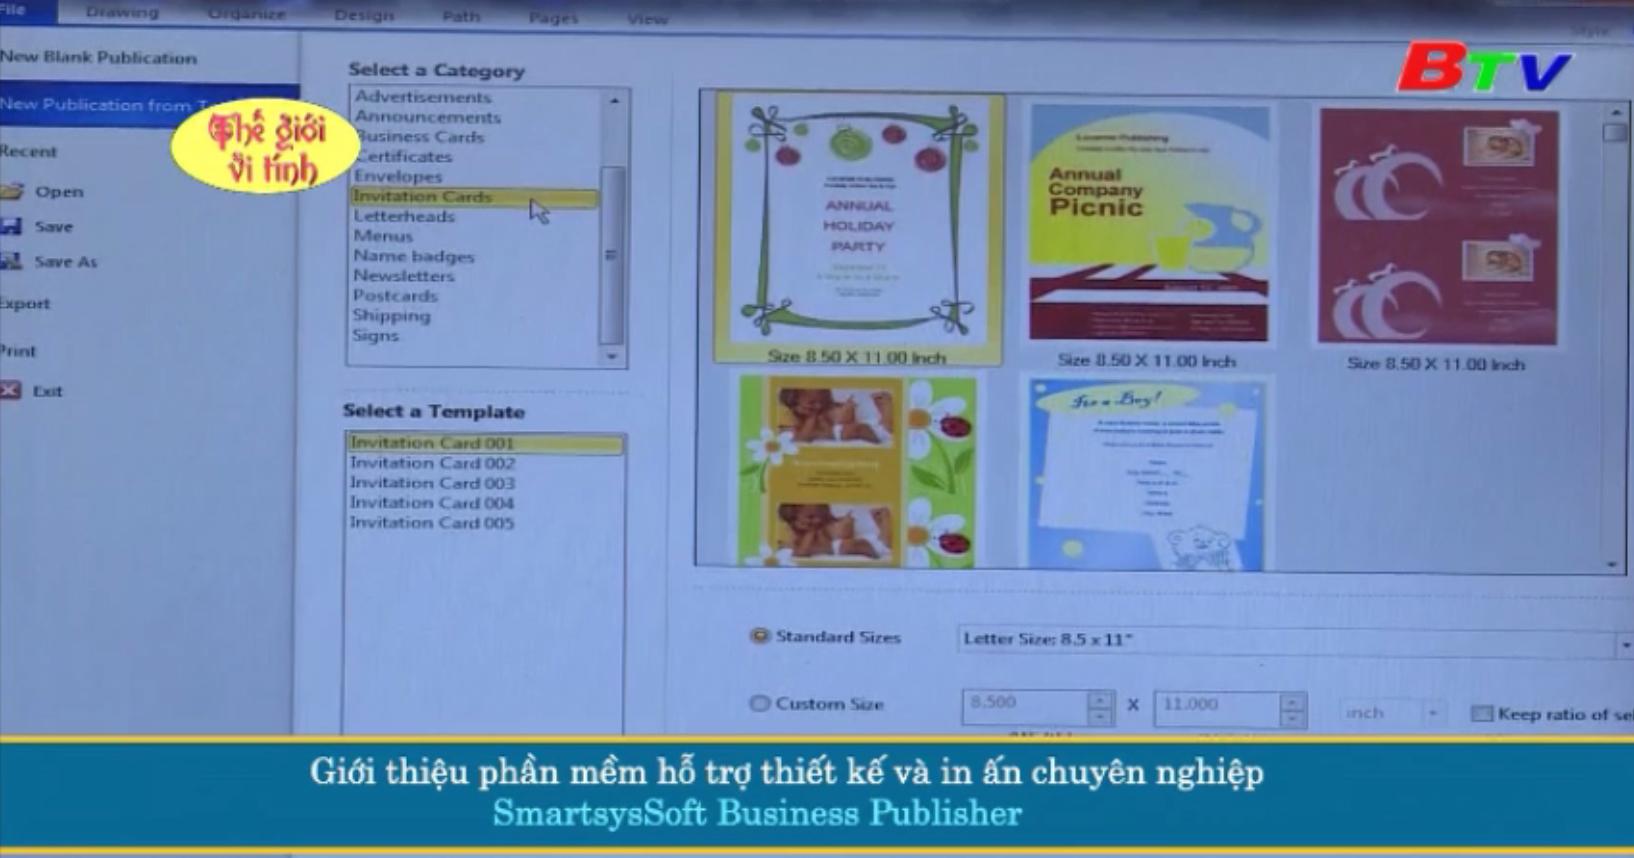 Giới thiệu phần mềm hỗ trợ thiết kế và in ấn chuyên nghiệp SmartsysSoft Business Publisher